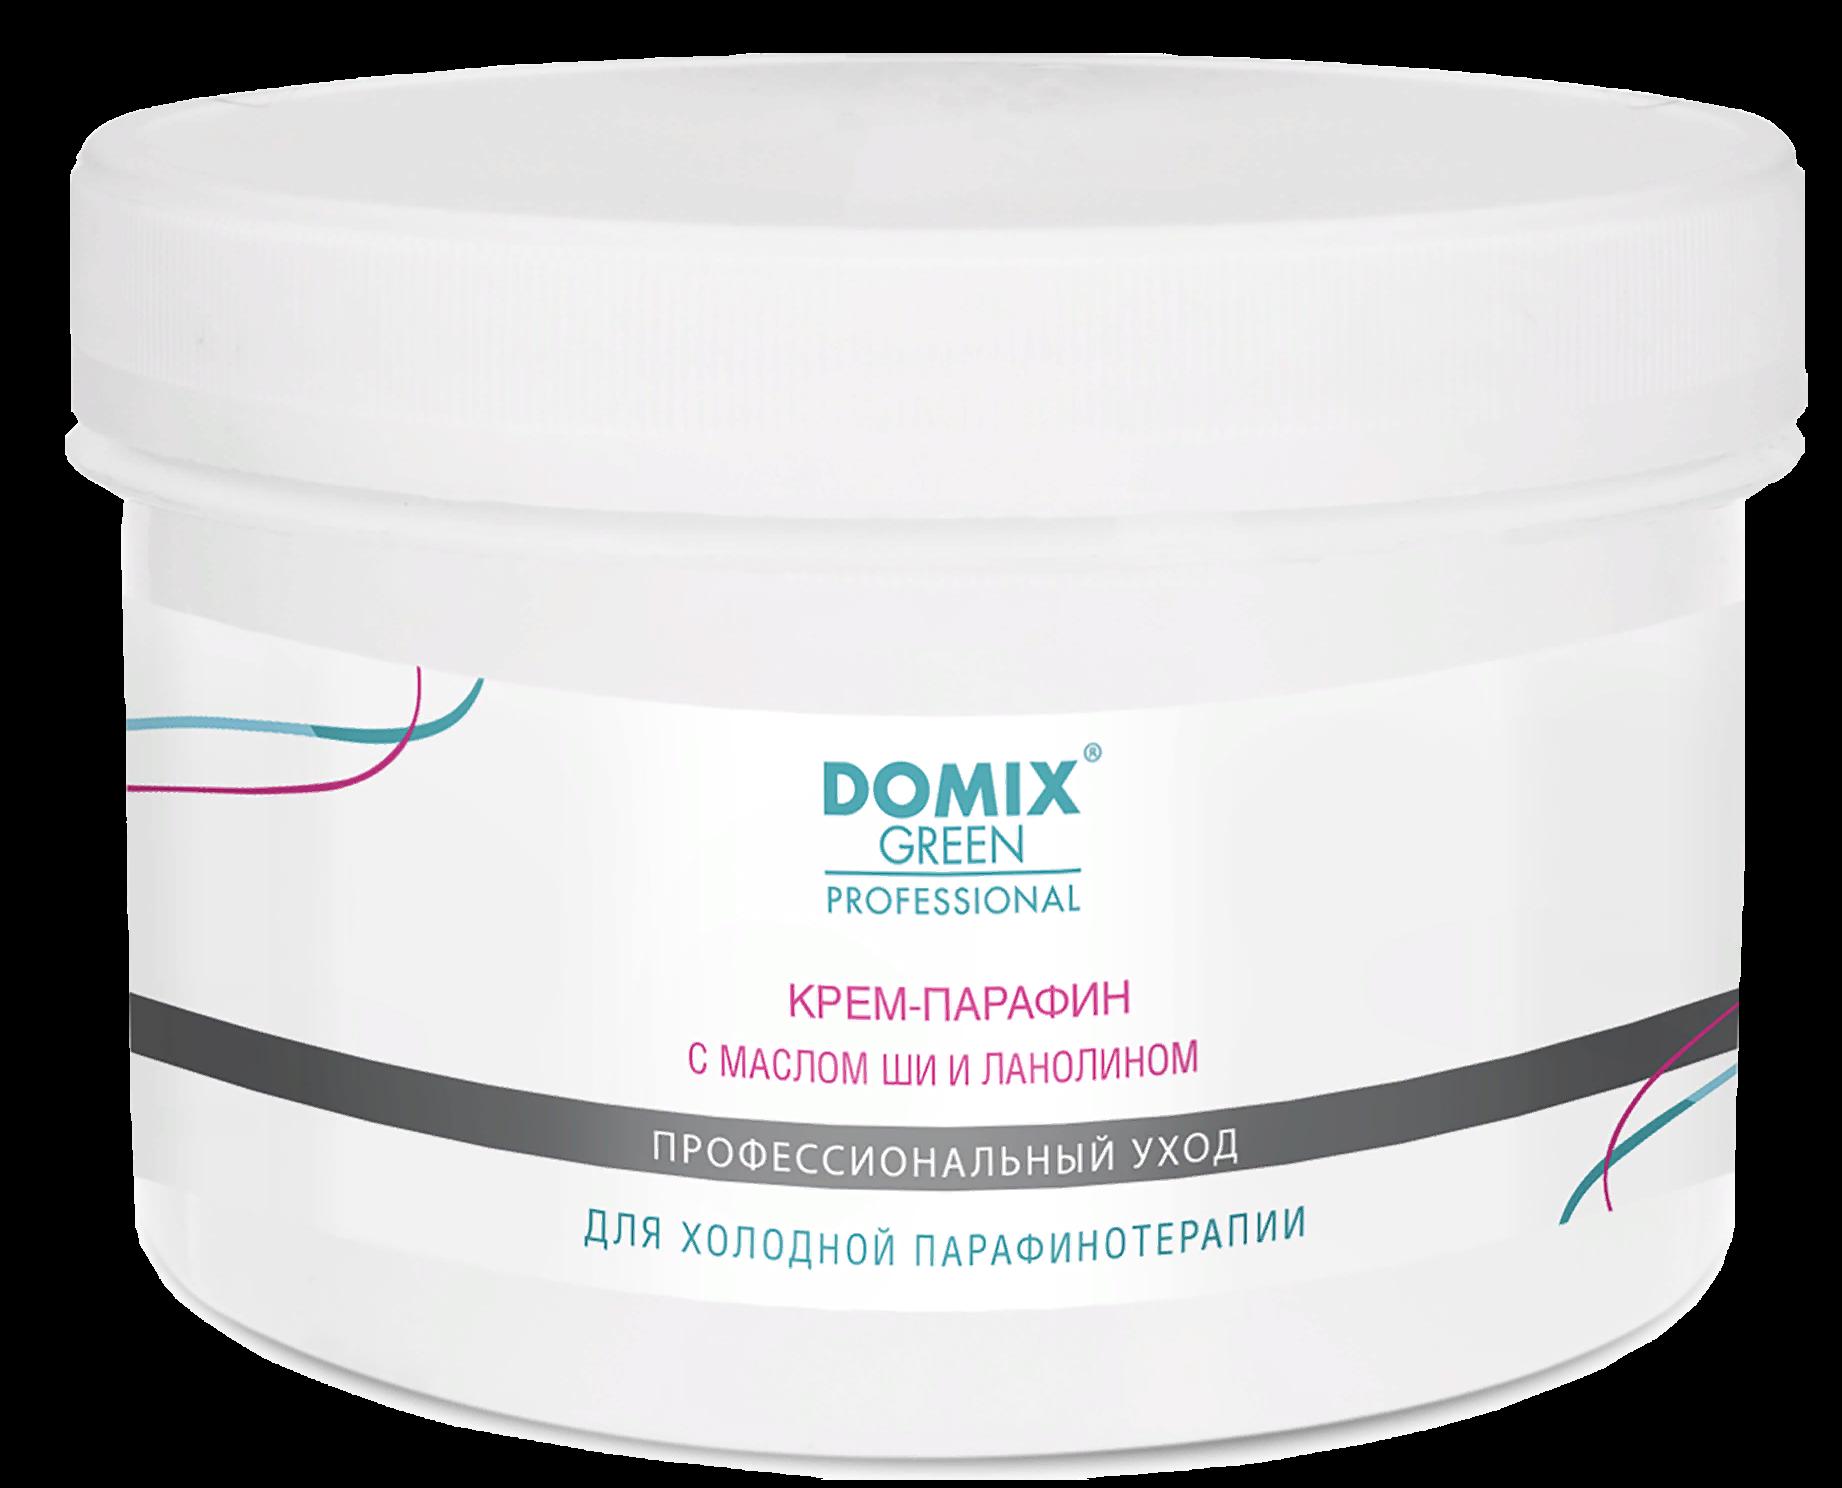 DOMIX Крем-парафин с маслом ши и ланолином / DGP 500 мл